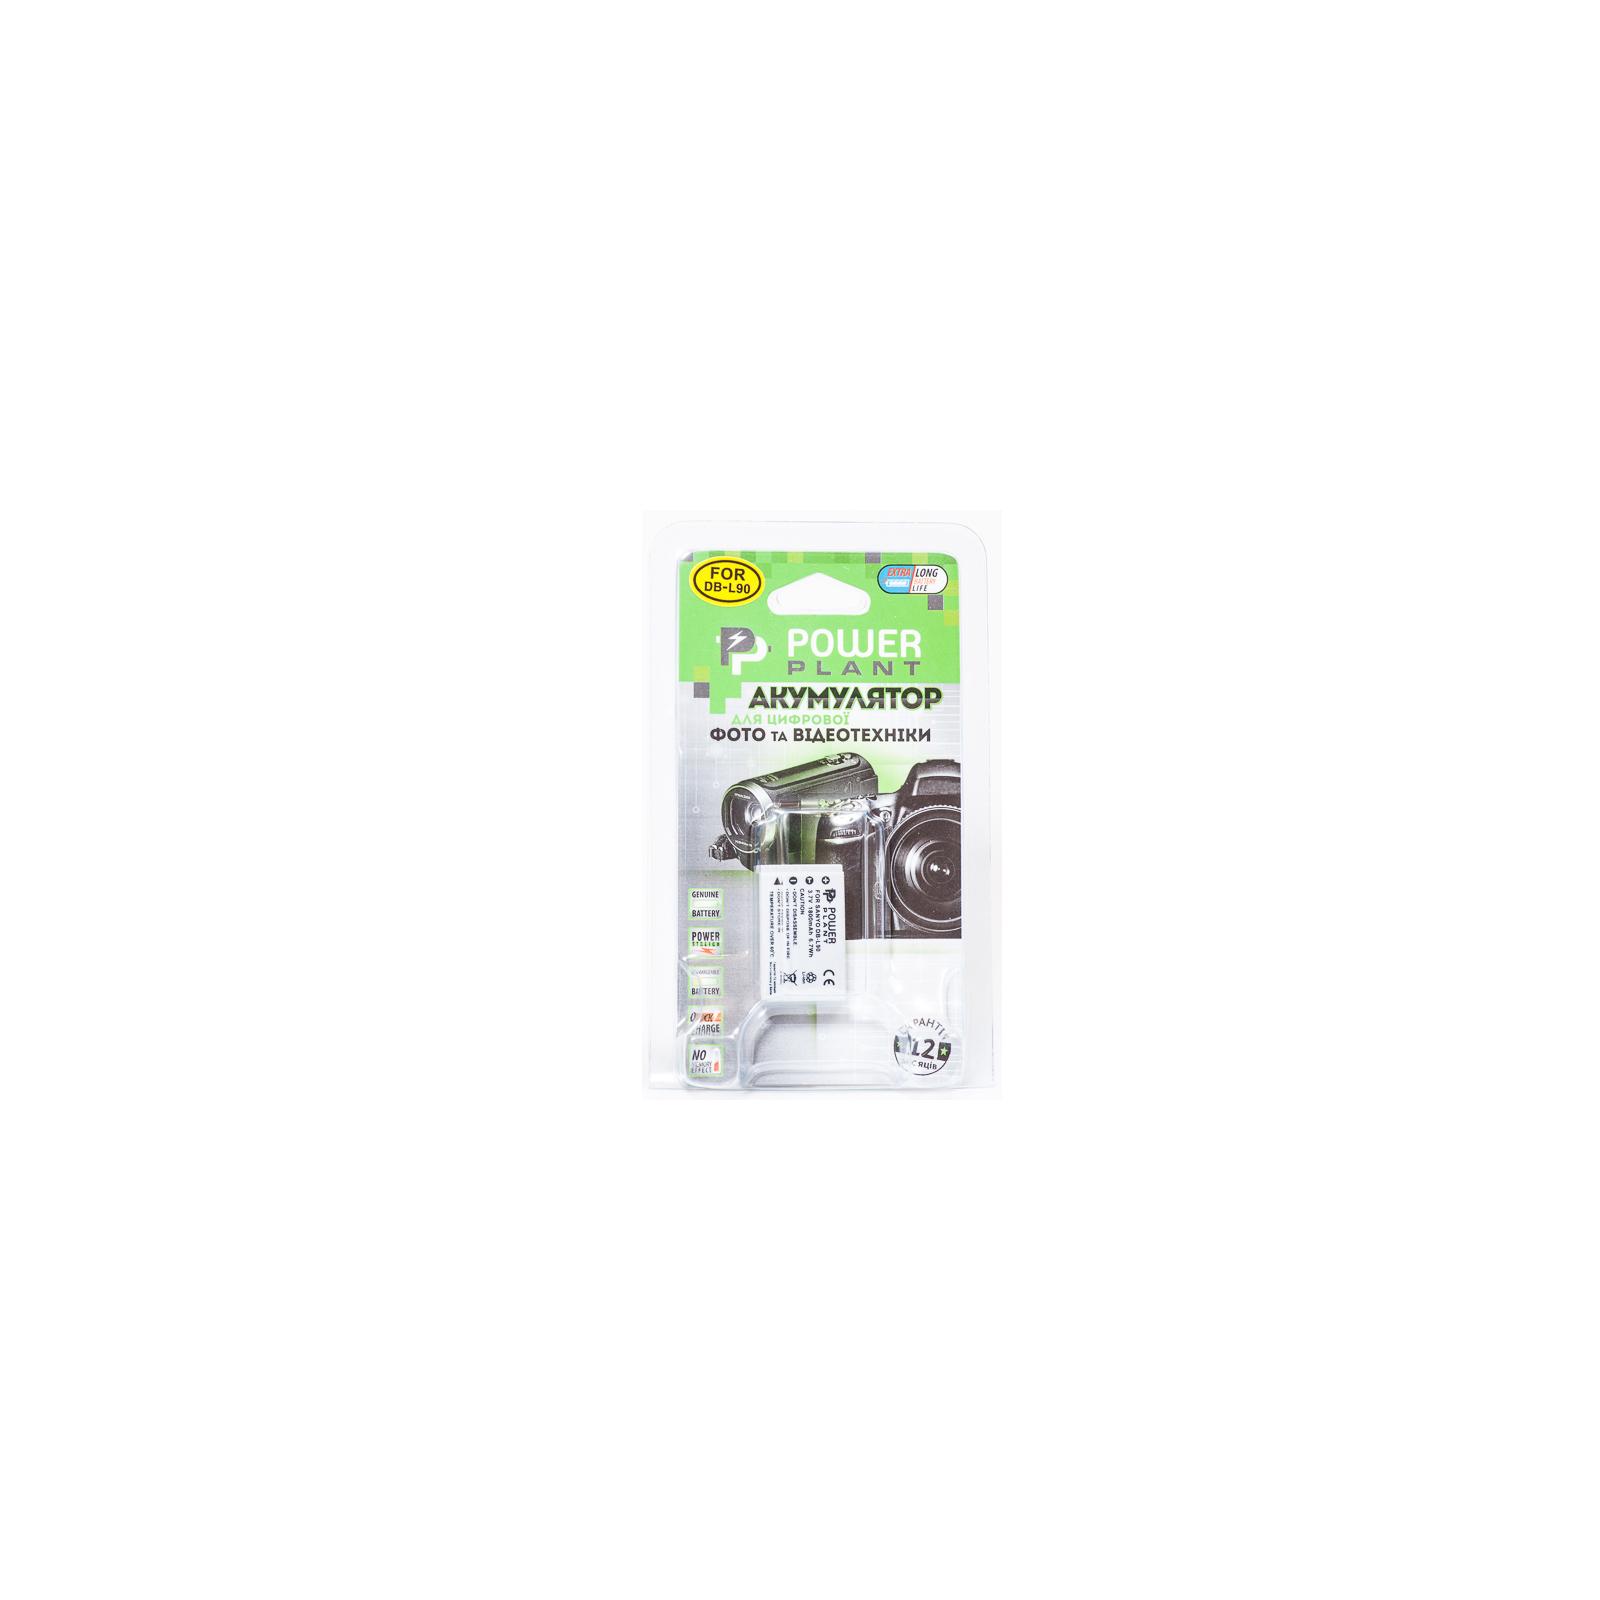 Аккумулятор к фото/видео PowerPlant Sanyo DB-L90 (DV00DV1267) изображение 3